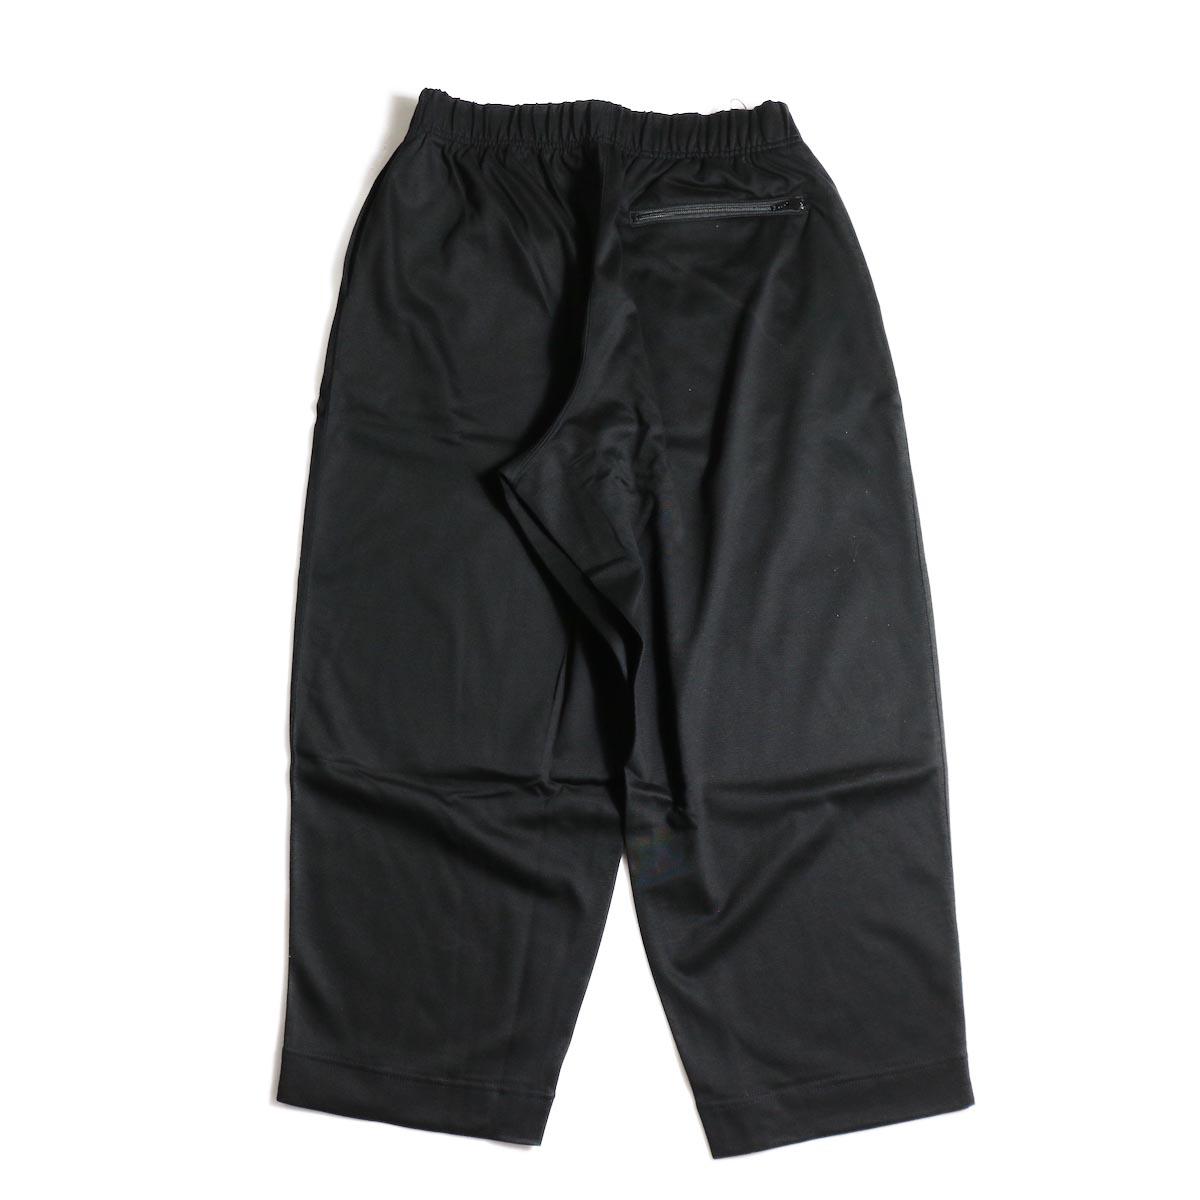 N.HOOLYWOOD / 1202-CP05-034  Wide Easy Pants (Black)背面